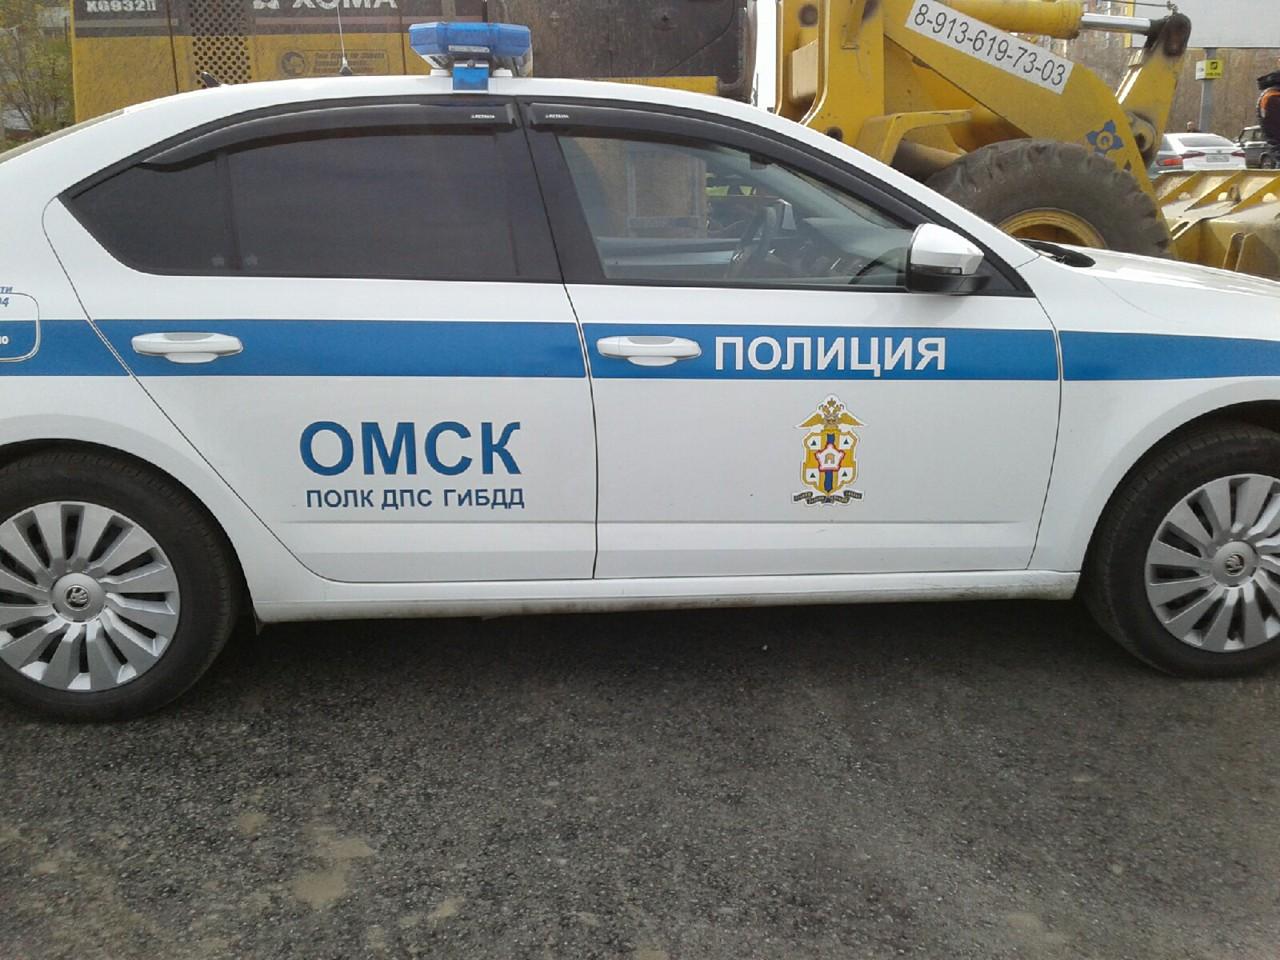 В Омске маршрутка насмерть сбила парня #Омск #Общество #Сегодня